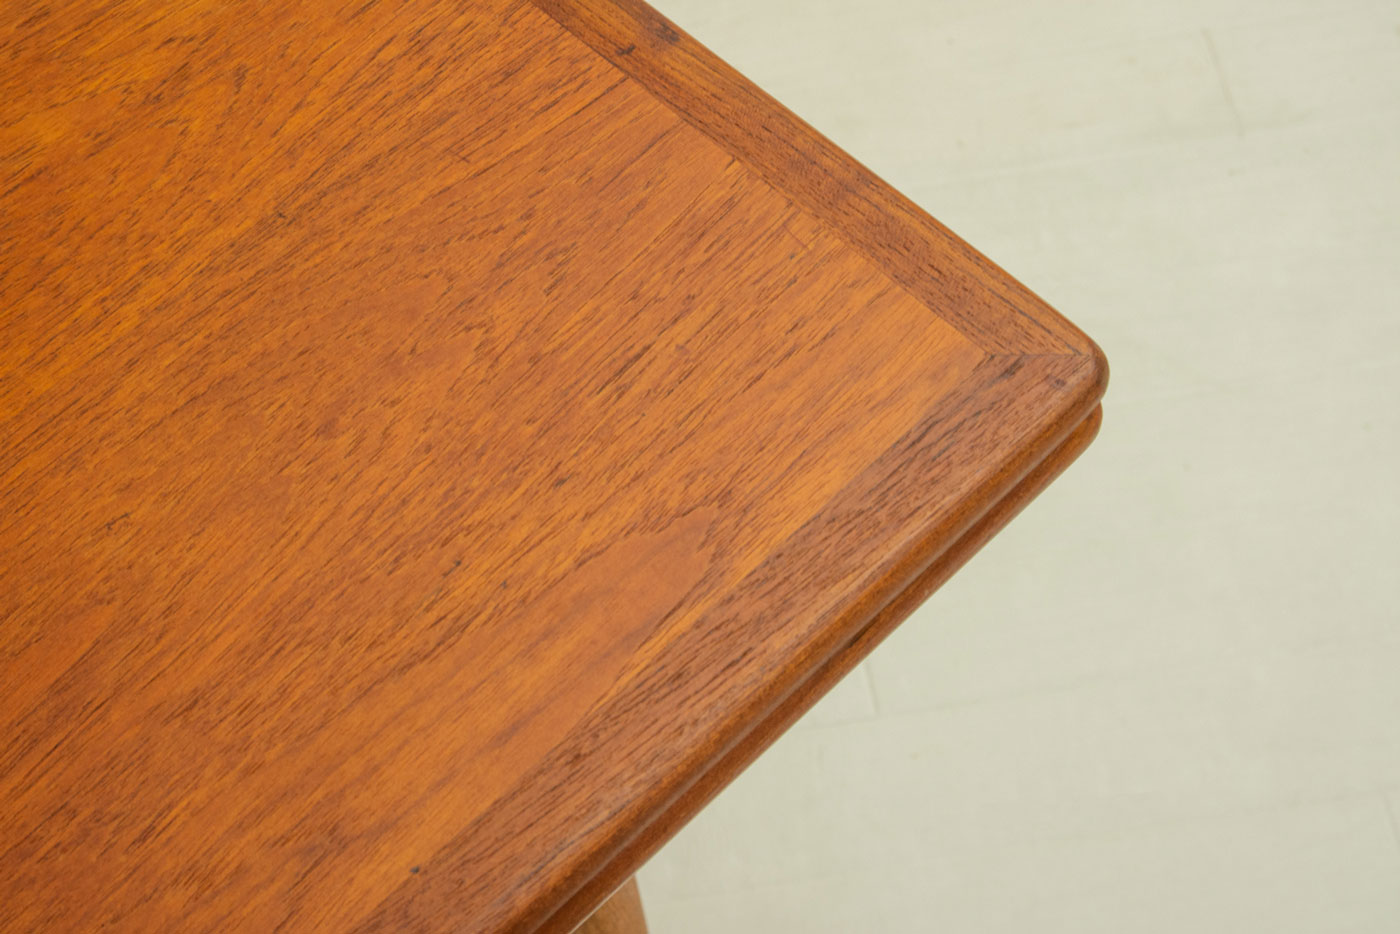 AT312 Dining Table by Hans J Wegner